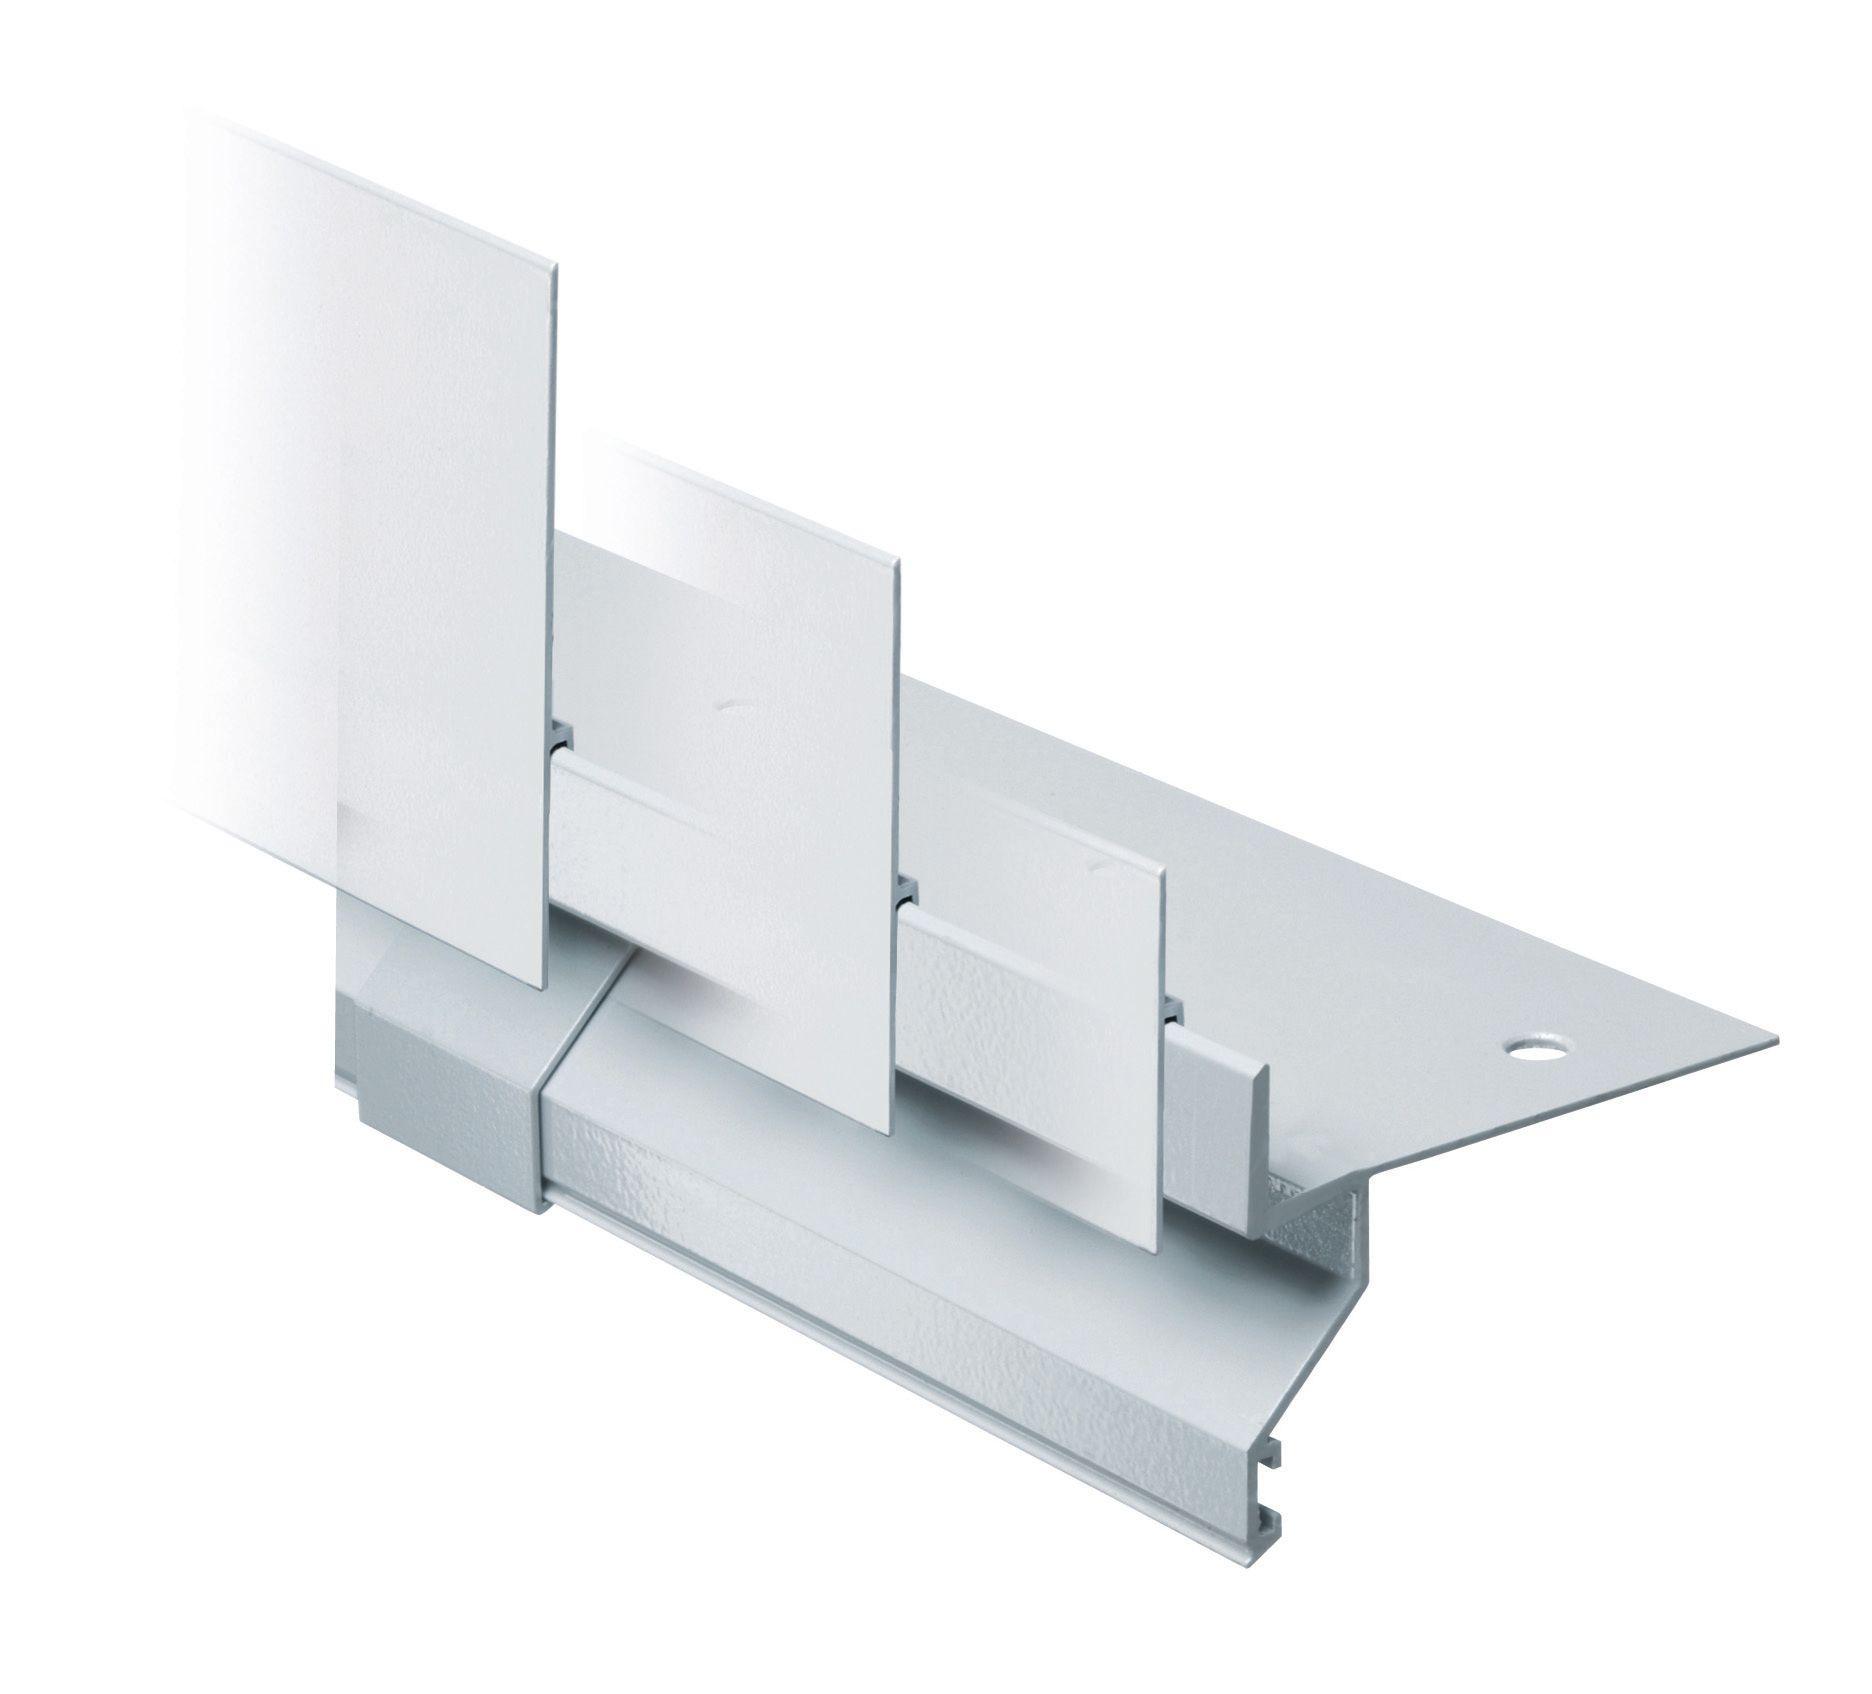 gutjahr randabschlussprofile und rinnen f r balkone und terrassen ais. Black Bedroom Furniture Sets. Home Design Ideas